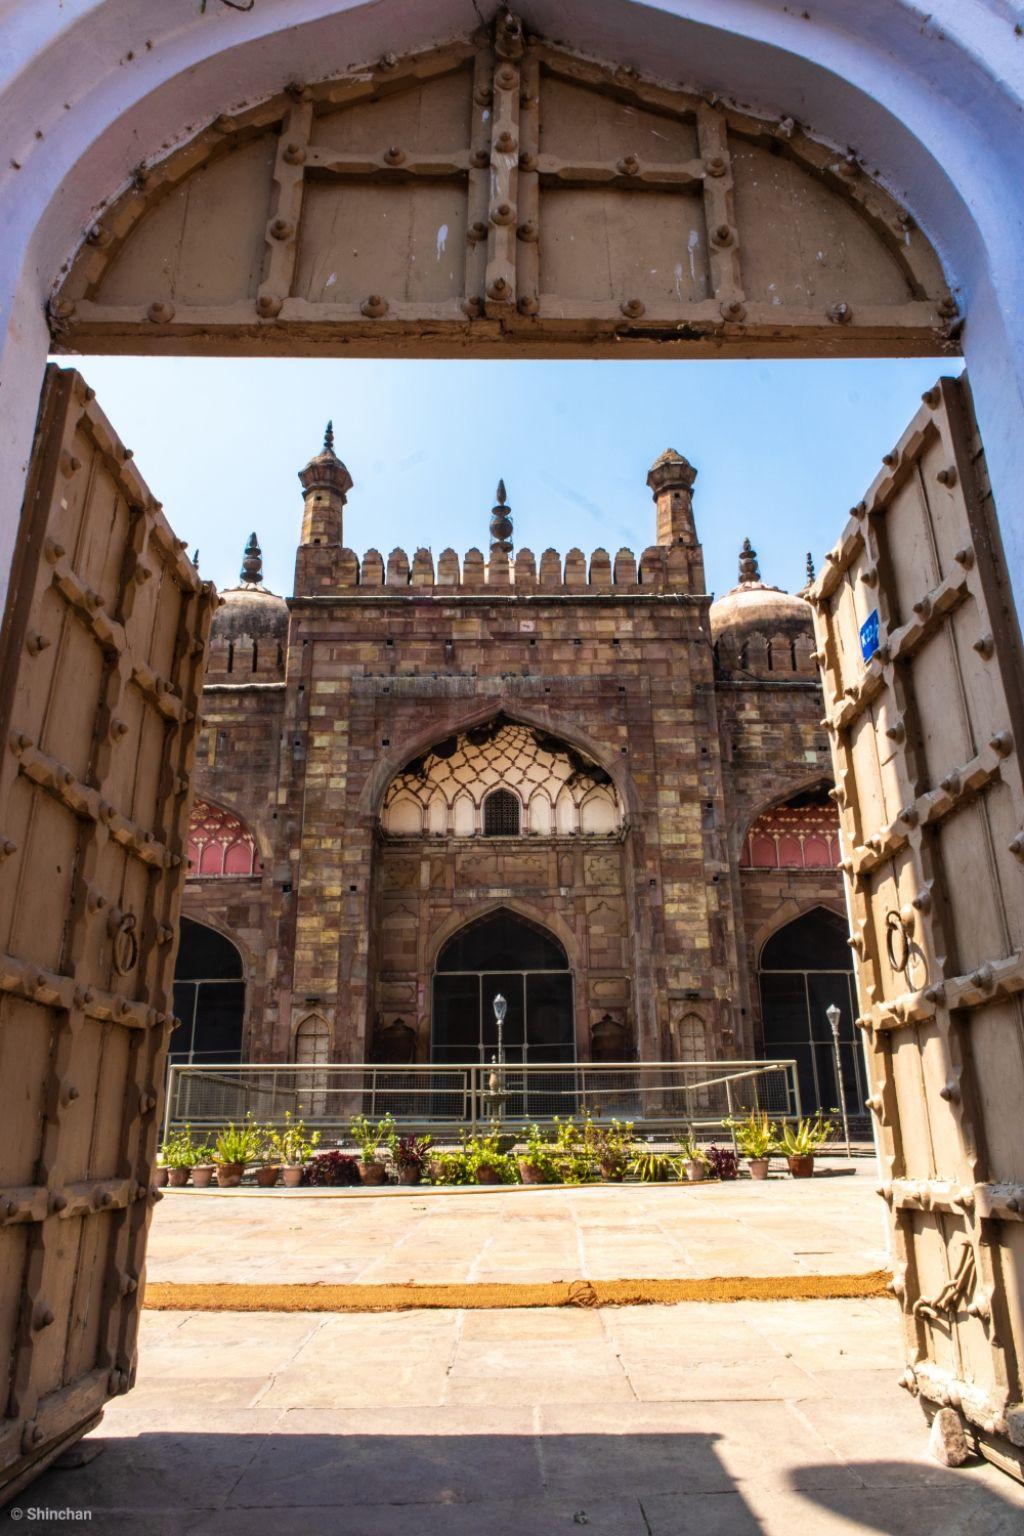 Photo of Varanasi By The Shinchan